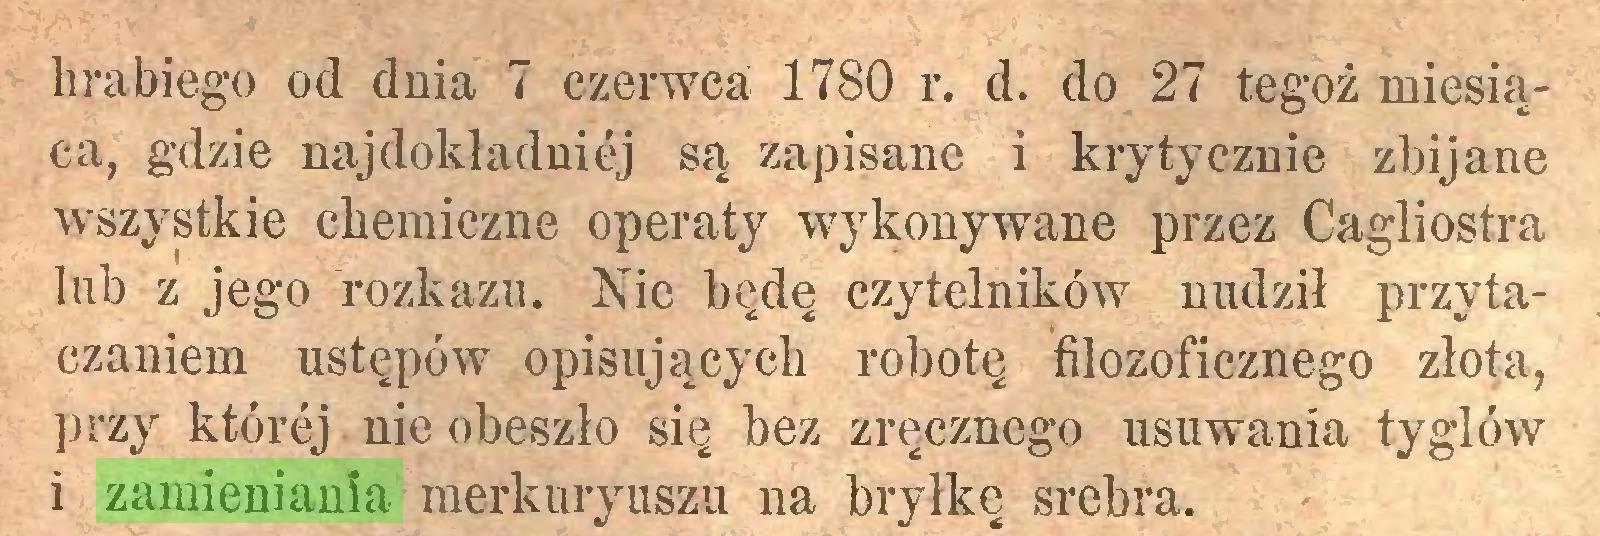 (...) hrabiego od dnia 7 czerwca; 1780 r. d. do 27 tegoż miesiąca, gdzie najdokładniej są zapisane i krytycznie zbijane wszystkie chemiczne operaty wykonywane przez Cagliostra lub z jego rozkazu. Nie będę czytelników nudził przytaczaniem ustępów opisujących robotę filozoficznego złota, przy której nie obeszło się bez zręcznego usuwania t-yglów i zamieniania merkuryuszu na bryłkę srebra...